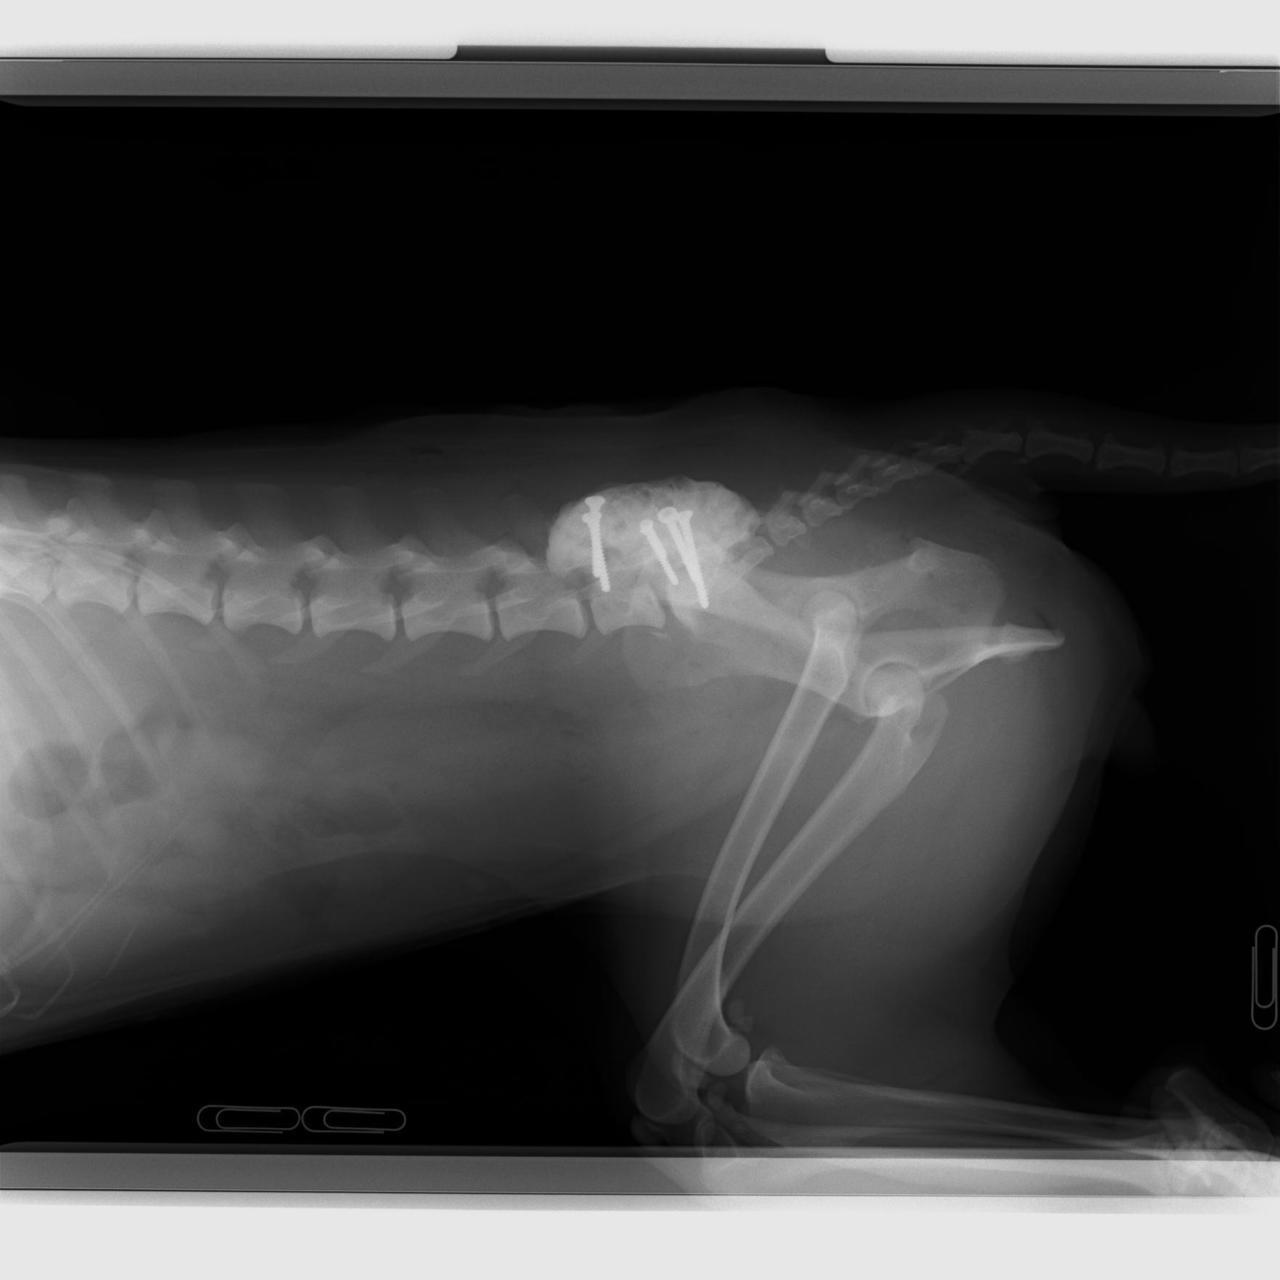 馬尾症候群に対する椎体固定術